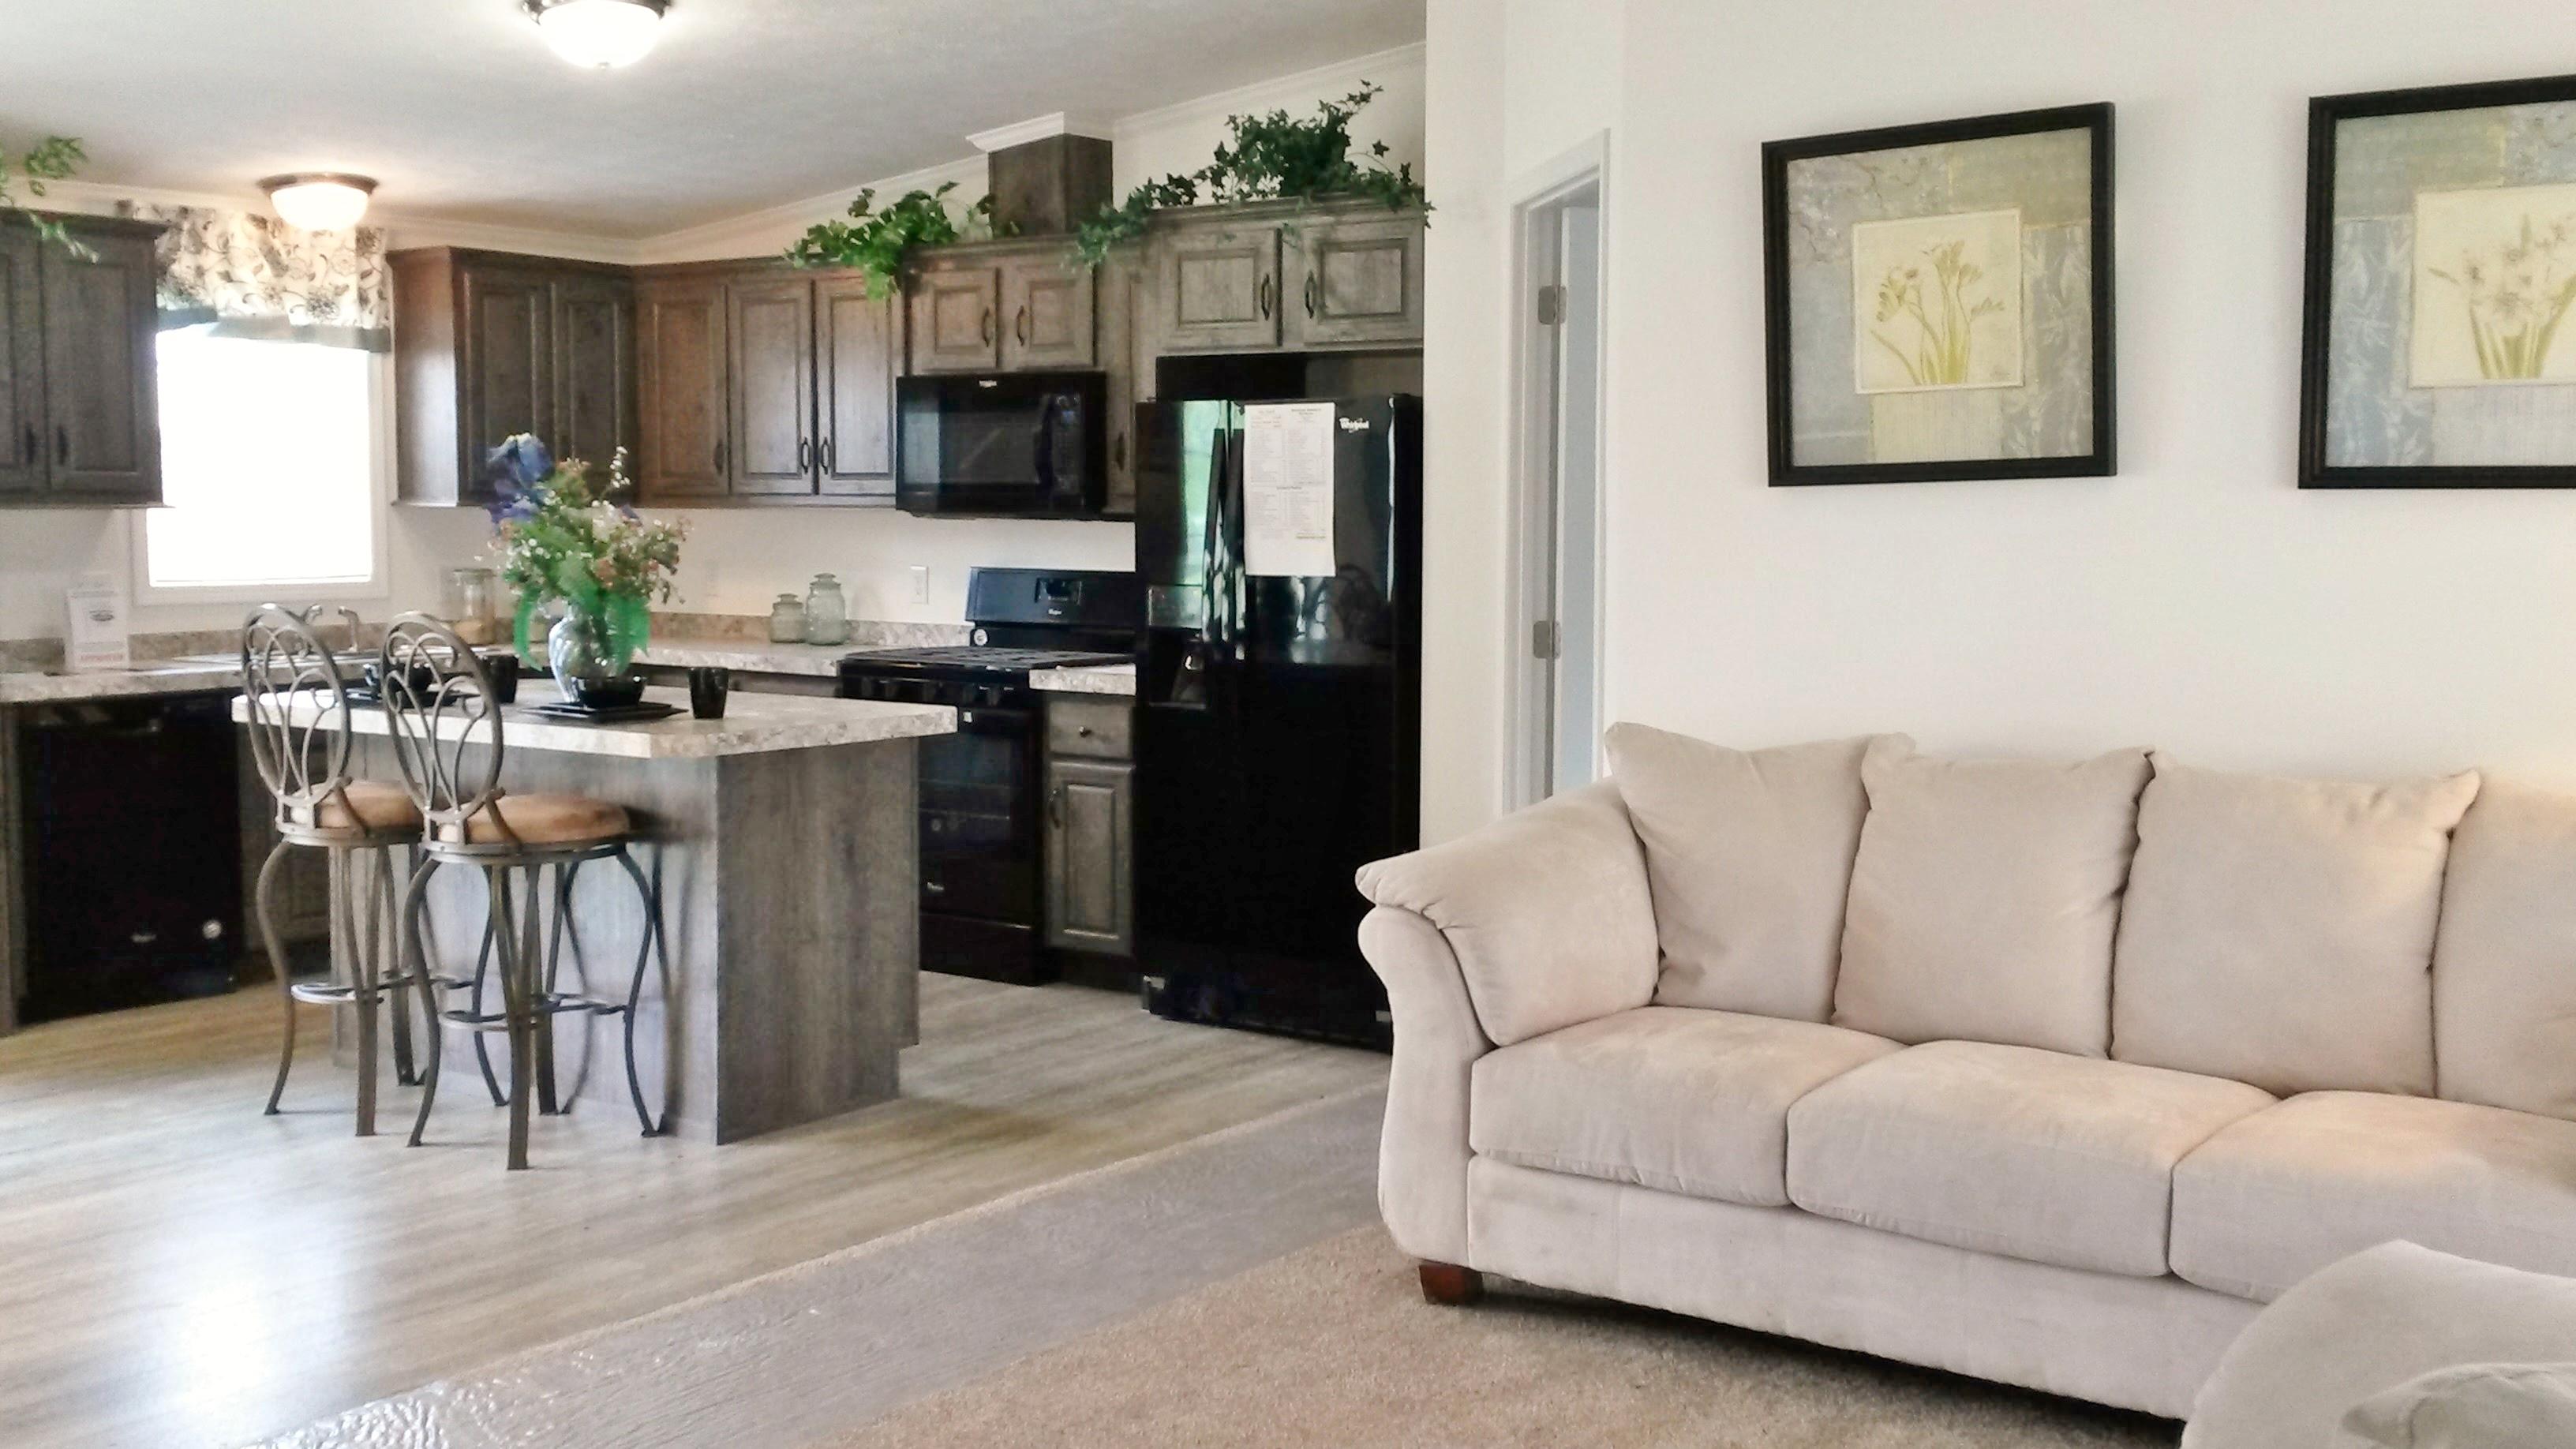 Open, spacious floor plan